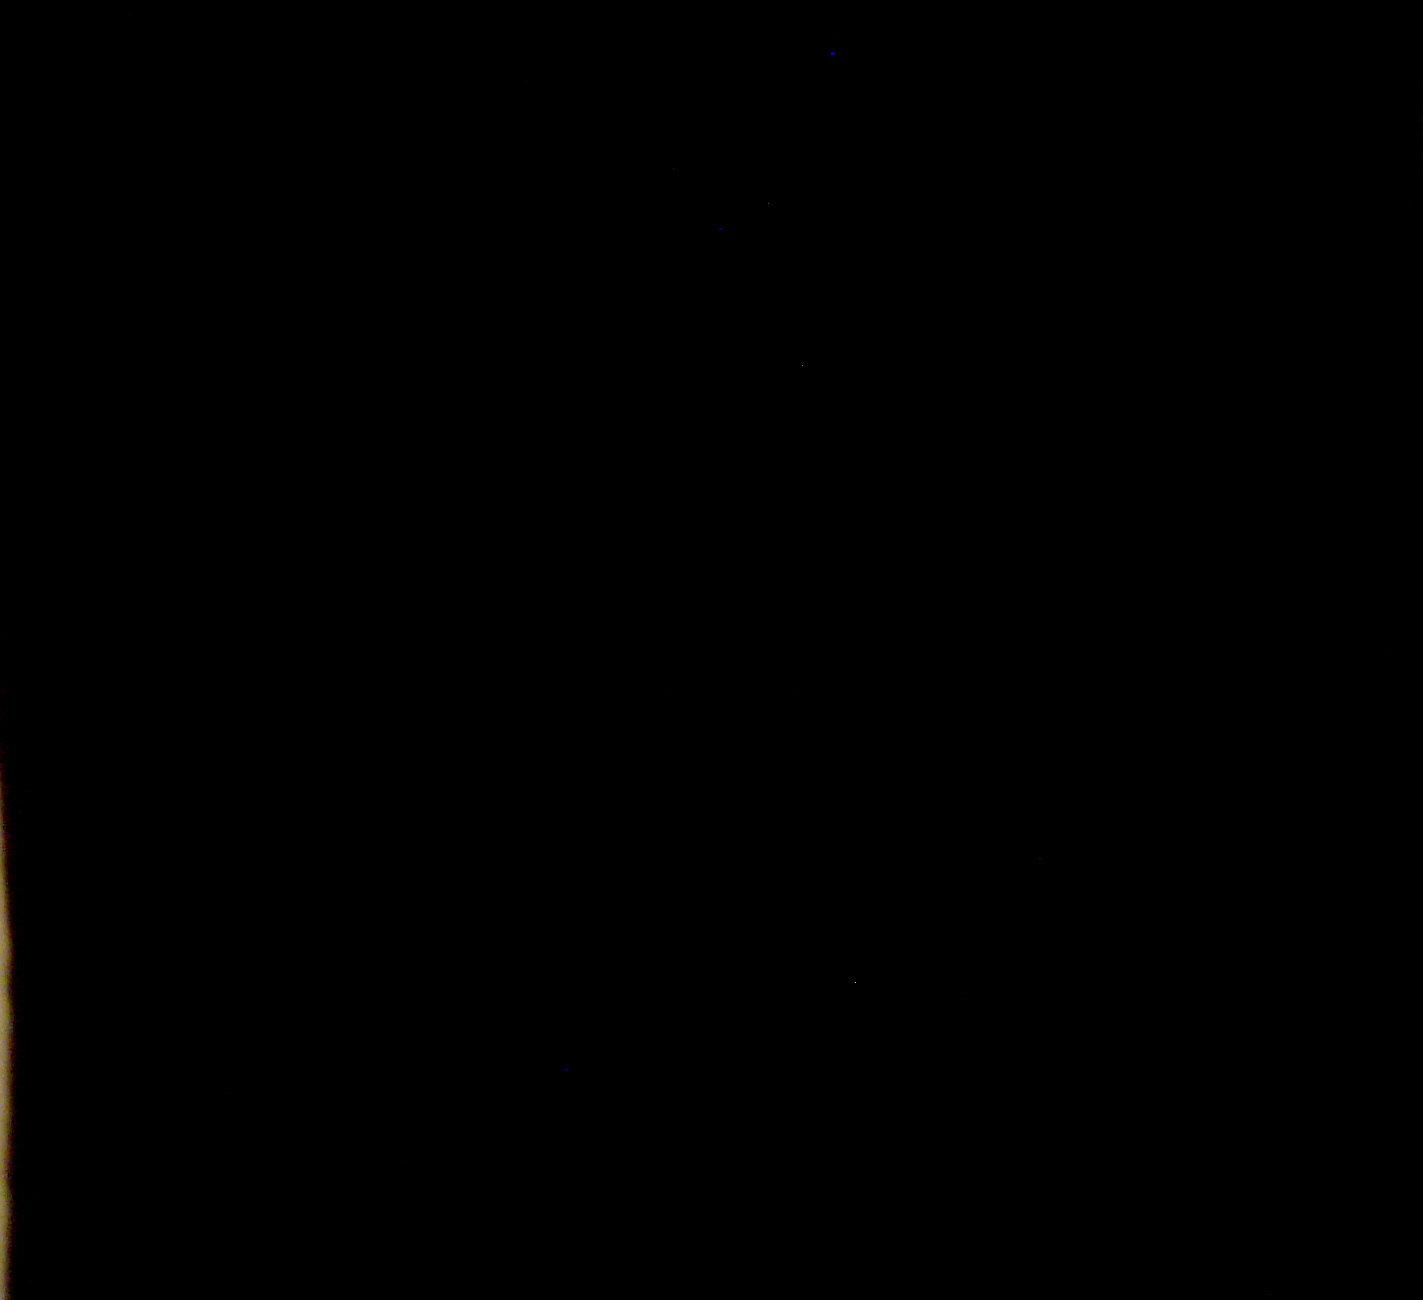 49+ Black Solid Wallpaper on WallpaperSafari